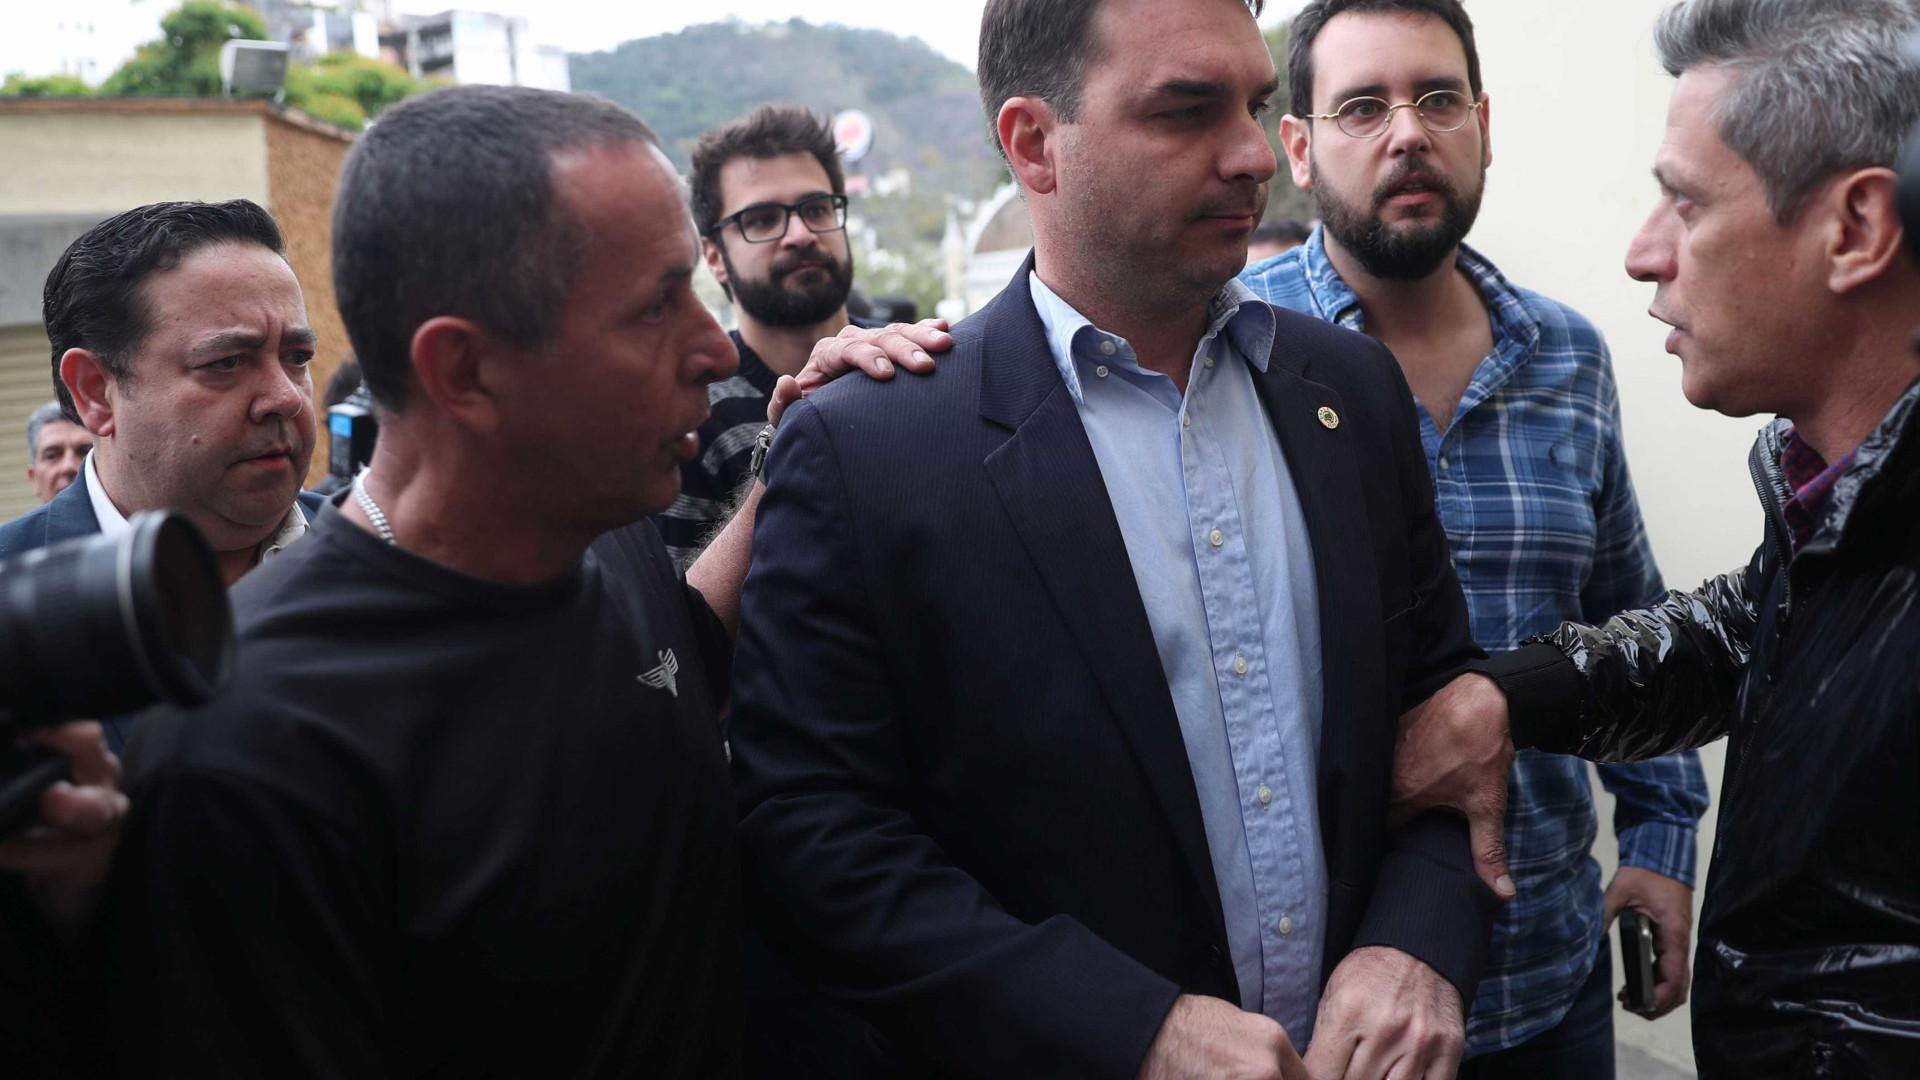 Promotor do caso Queiroz relativiza depósitos e curte família Bolsonaro